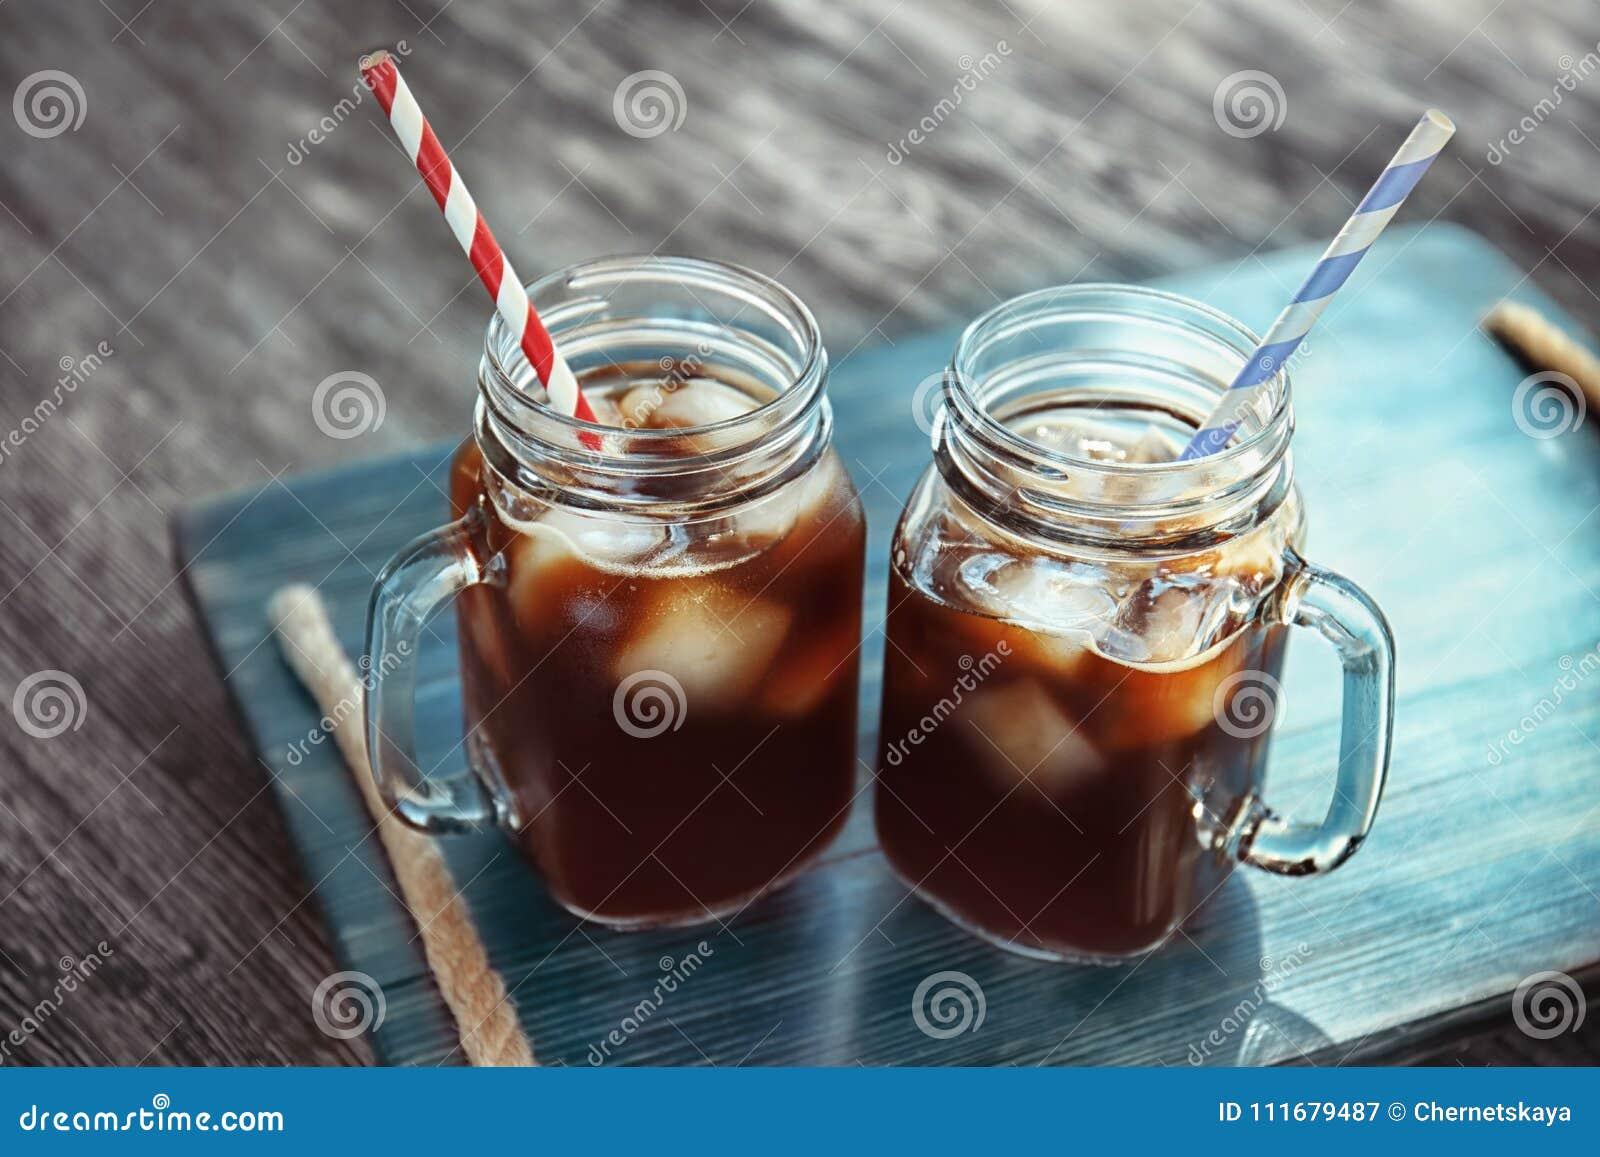 Murarekrus med kallt brygdkaffe